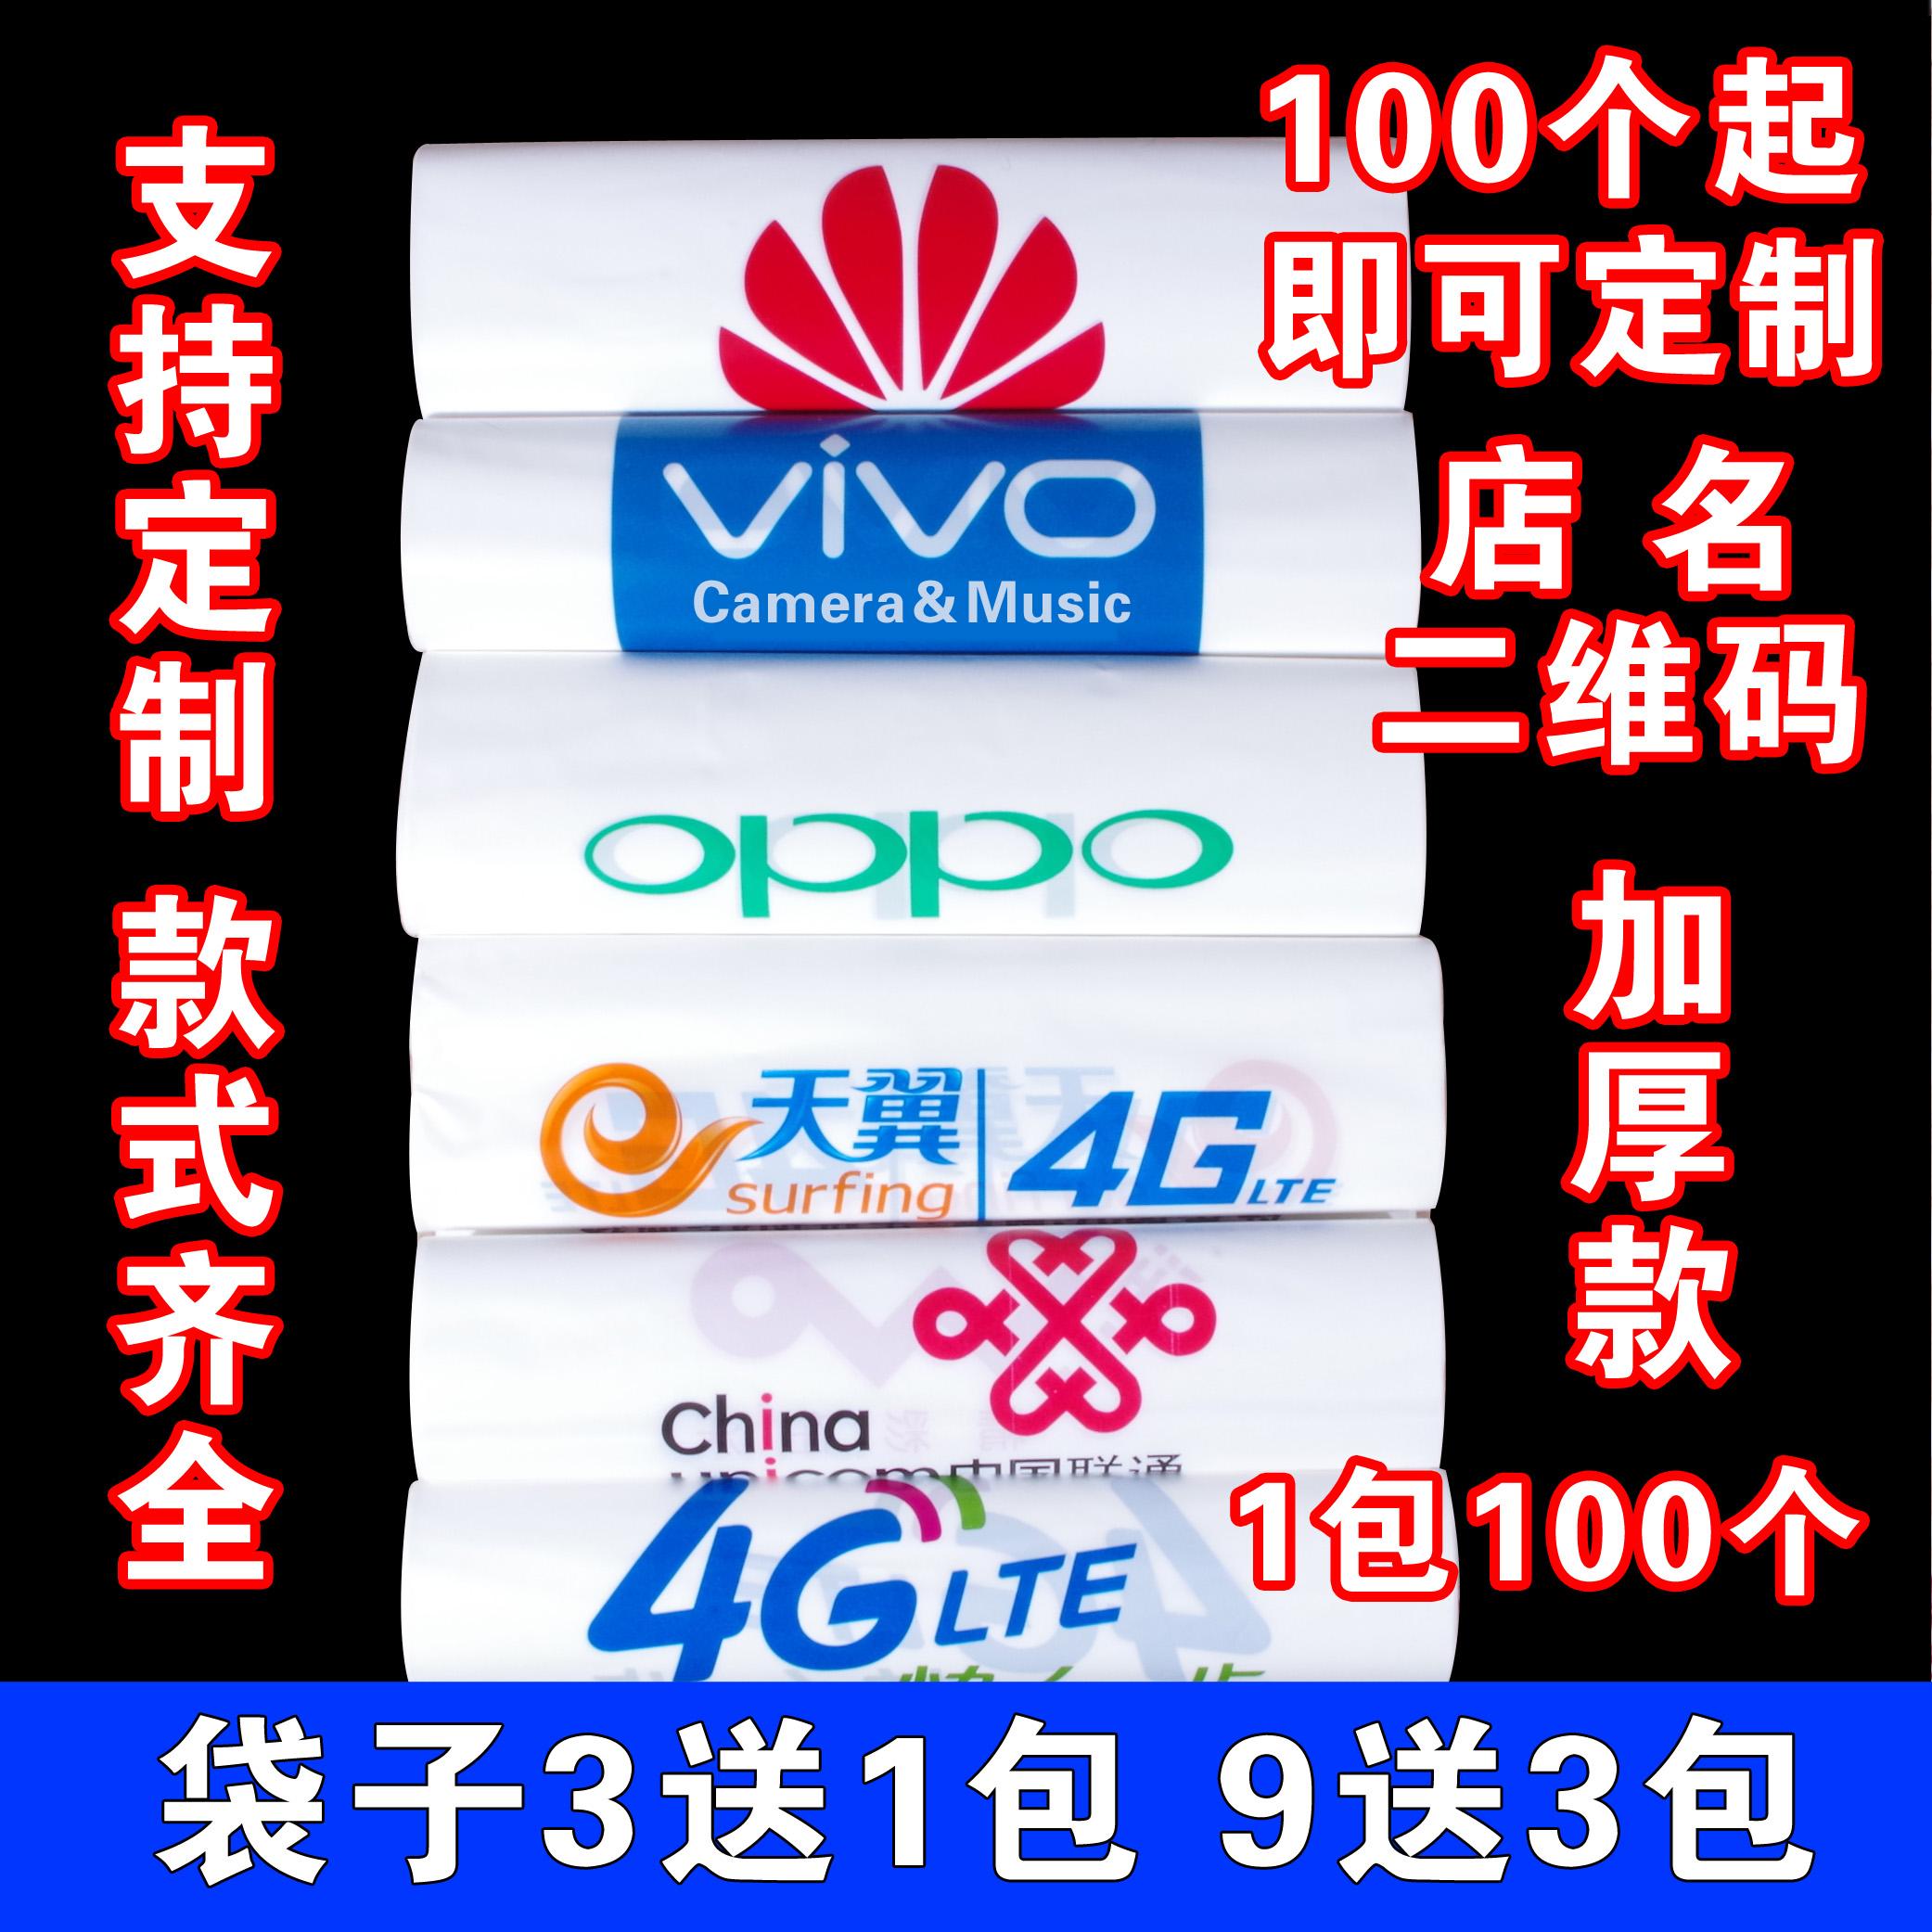 可定制vivo华为oppo移动5G塑料礼品袋手机店手提袋子做印店名批发